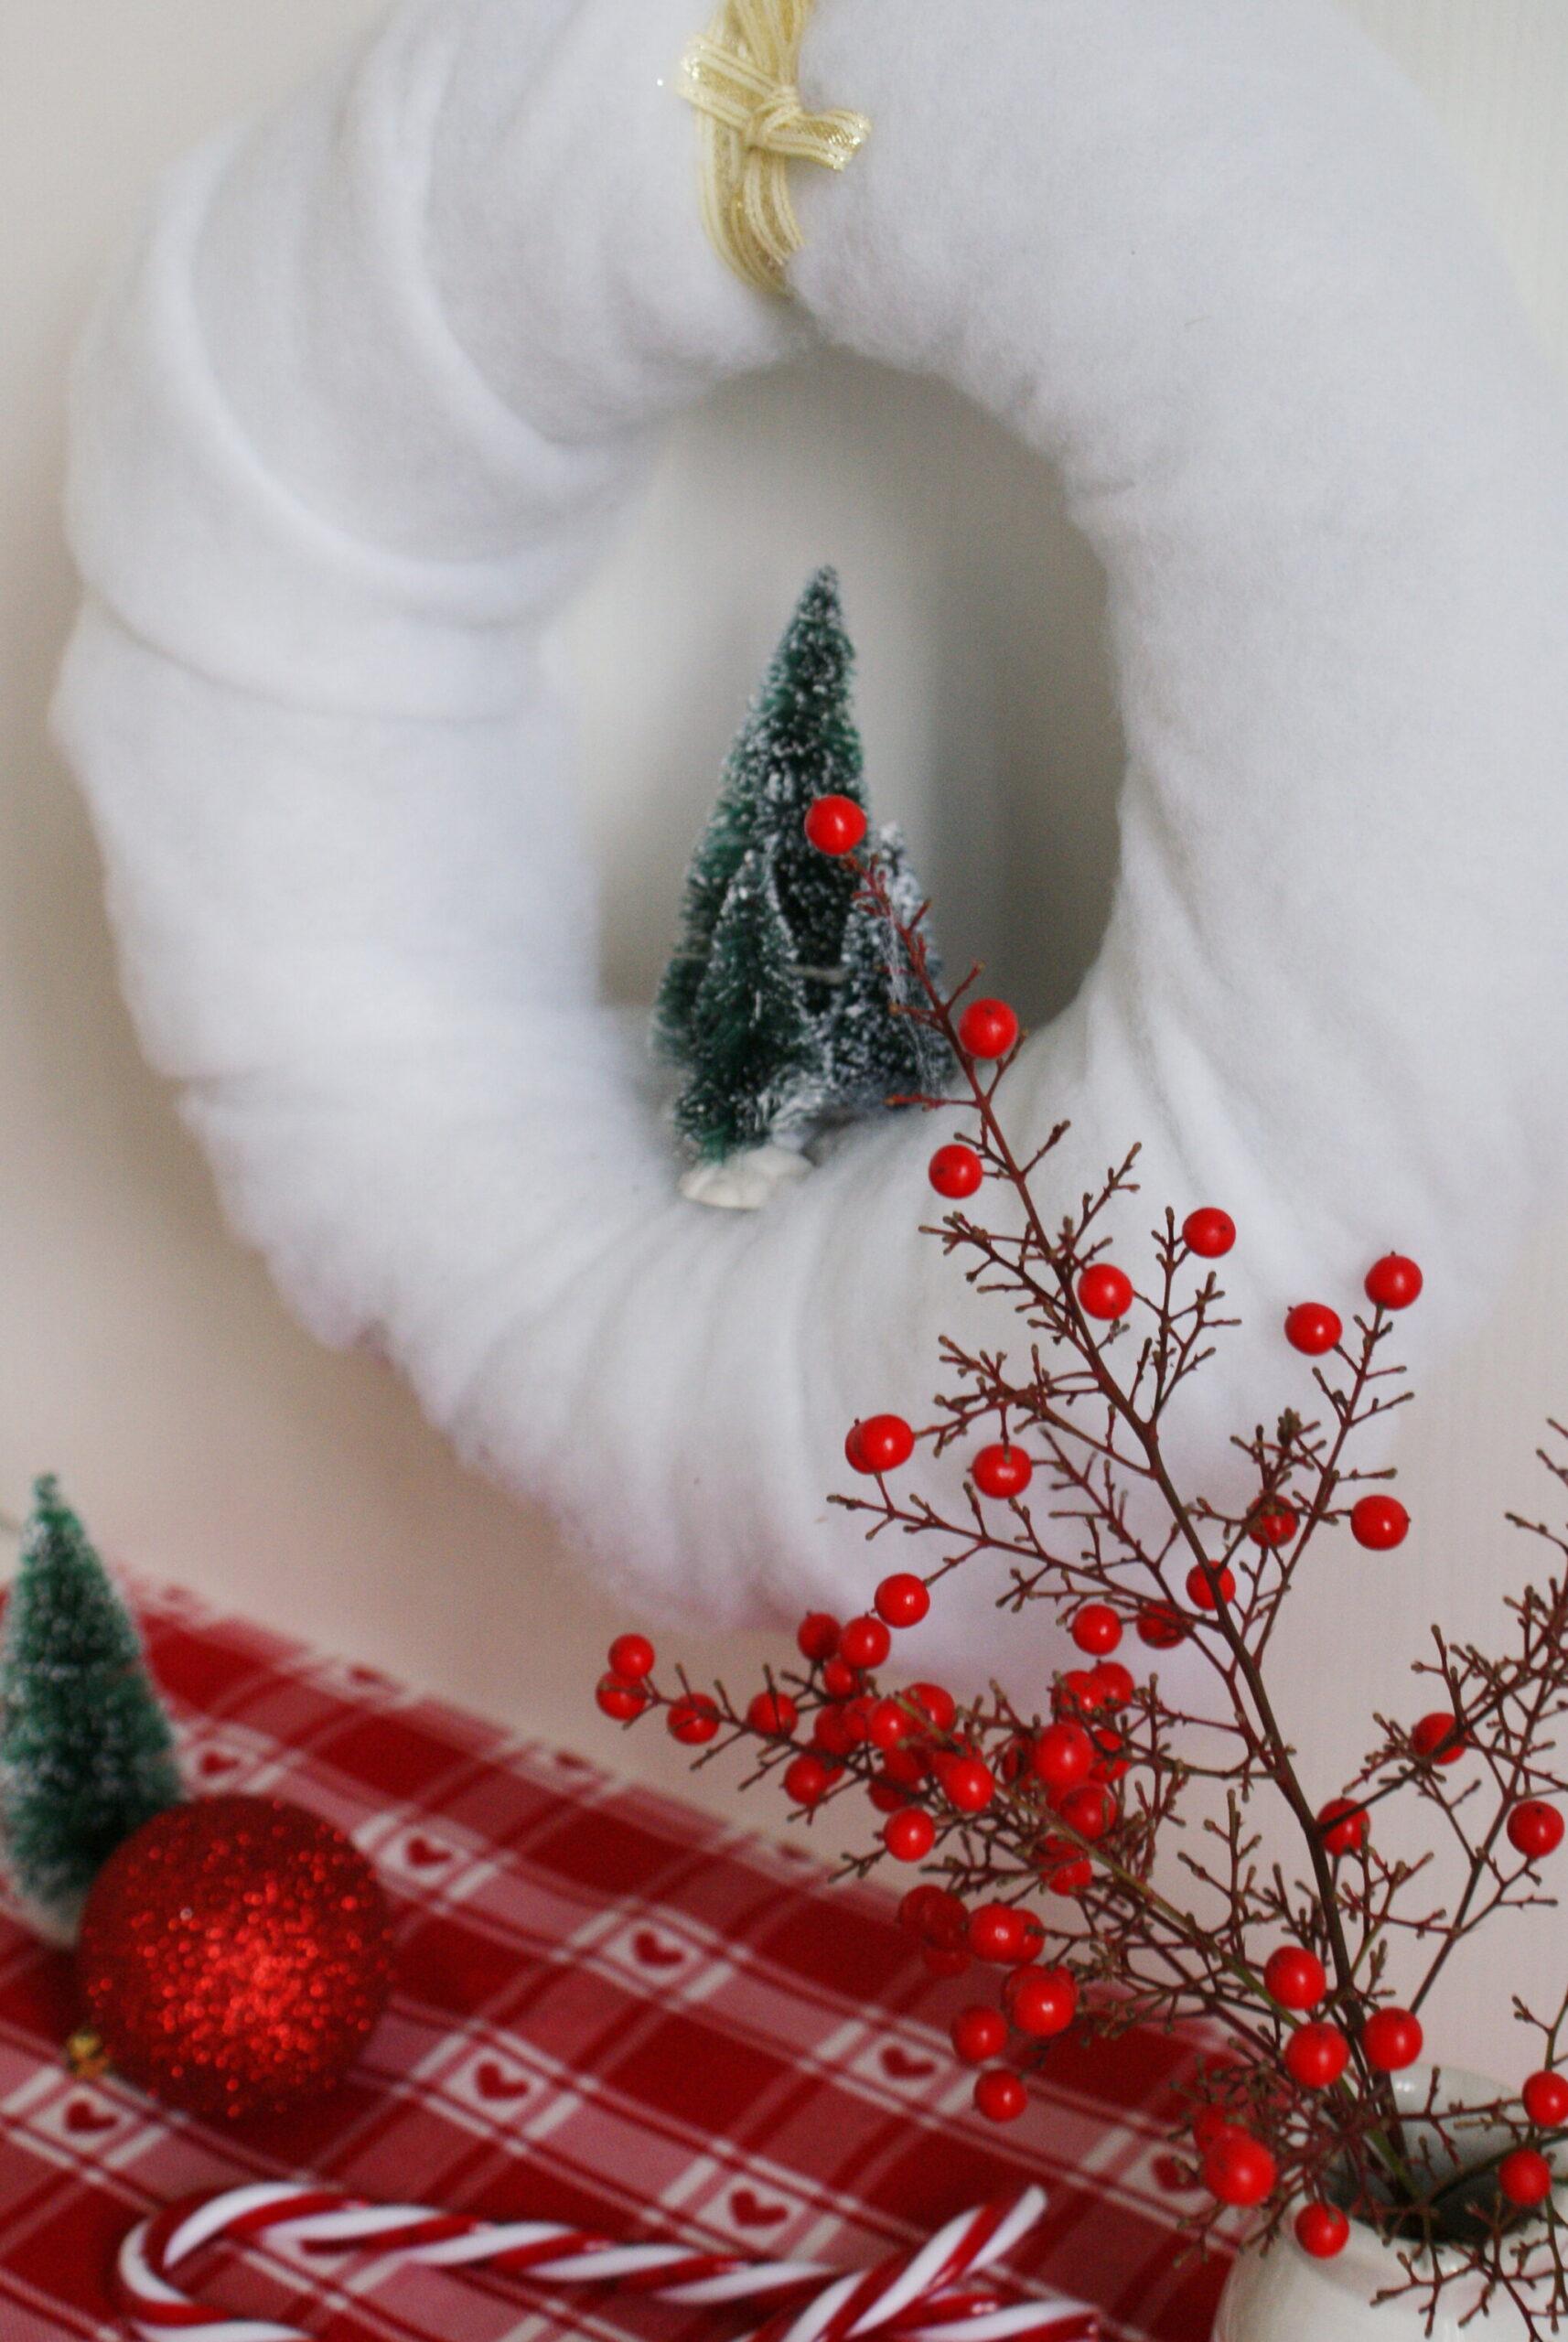 ghirlanda corona neve natale faidate fatta mano tutorial facile veloce paesaggio alberelli idea casa decorazione